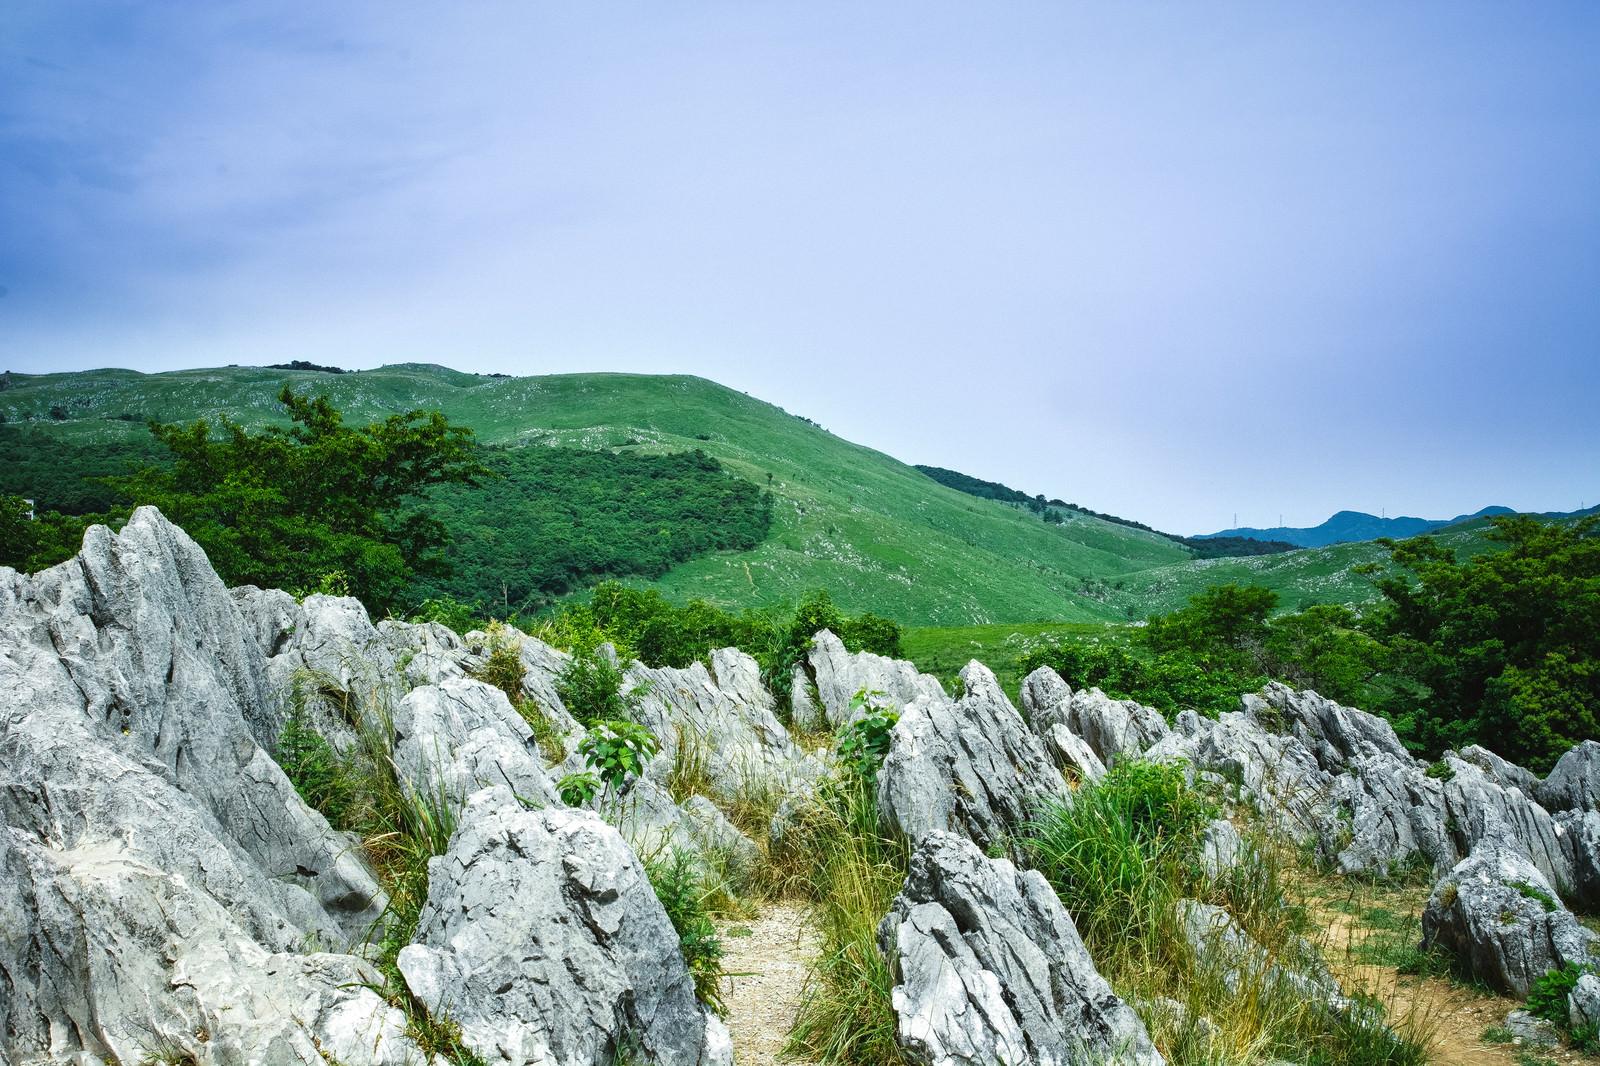 「ごつごつとした岩の間に立ち、眺めるカルスト台地」の写真